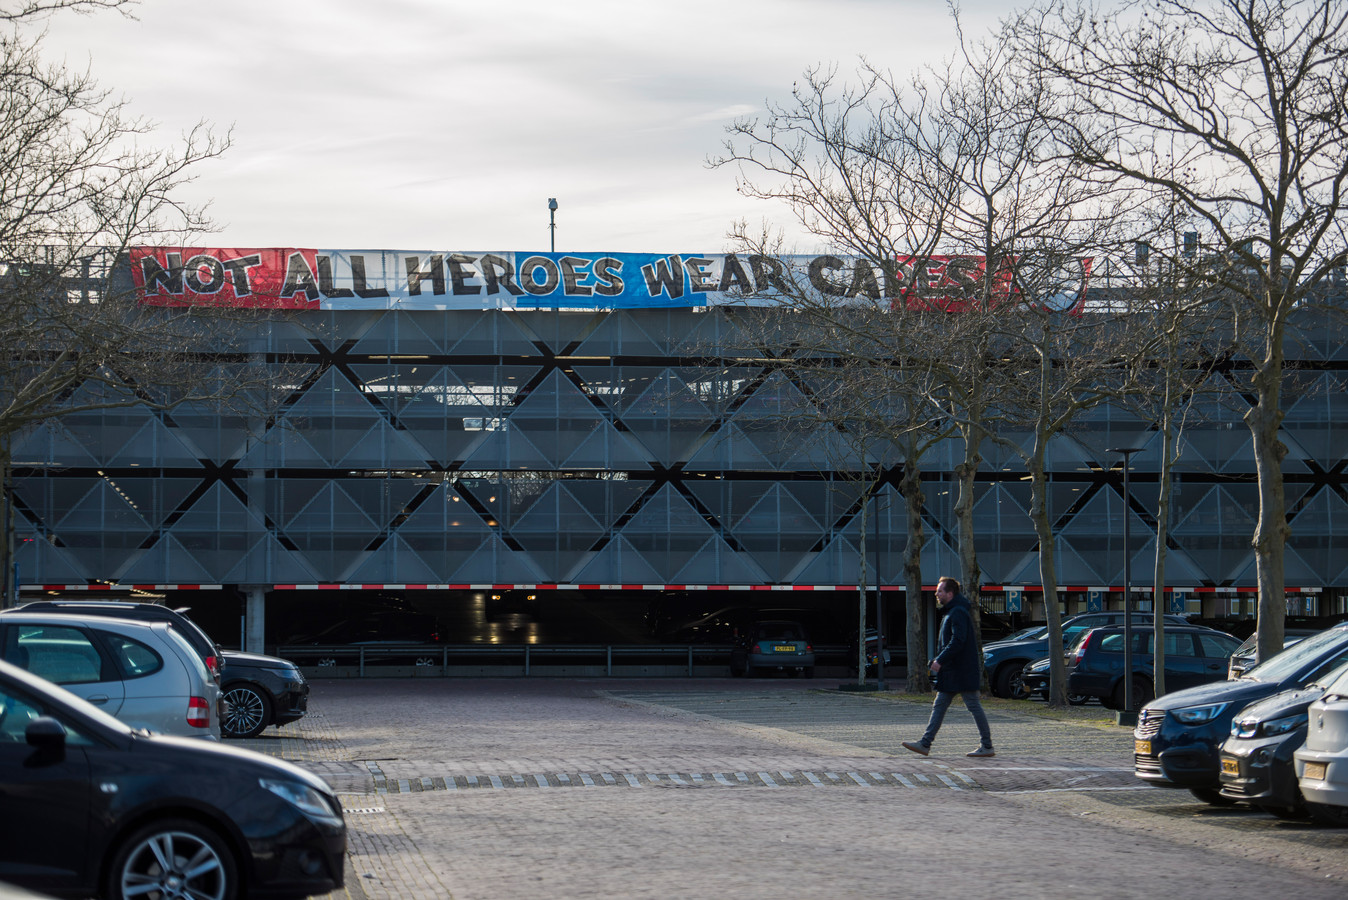 """Om het zorgpersoneel te eren hebben PSV supporters een spandoek met """"Not all heroes wear capes"""" opgehangen bij de parkeergarage naast het Catharinaziekenhuis"""